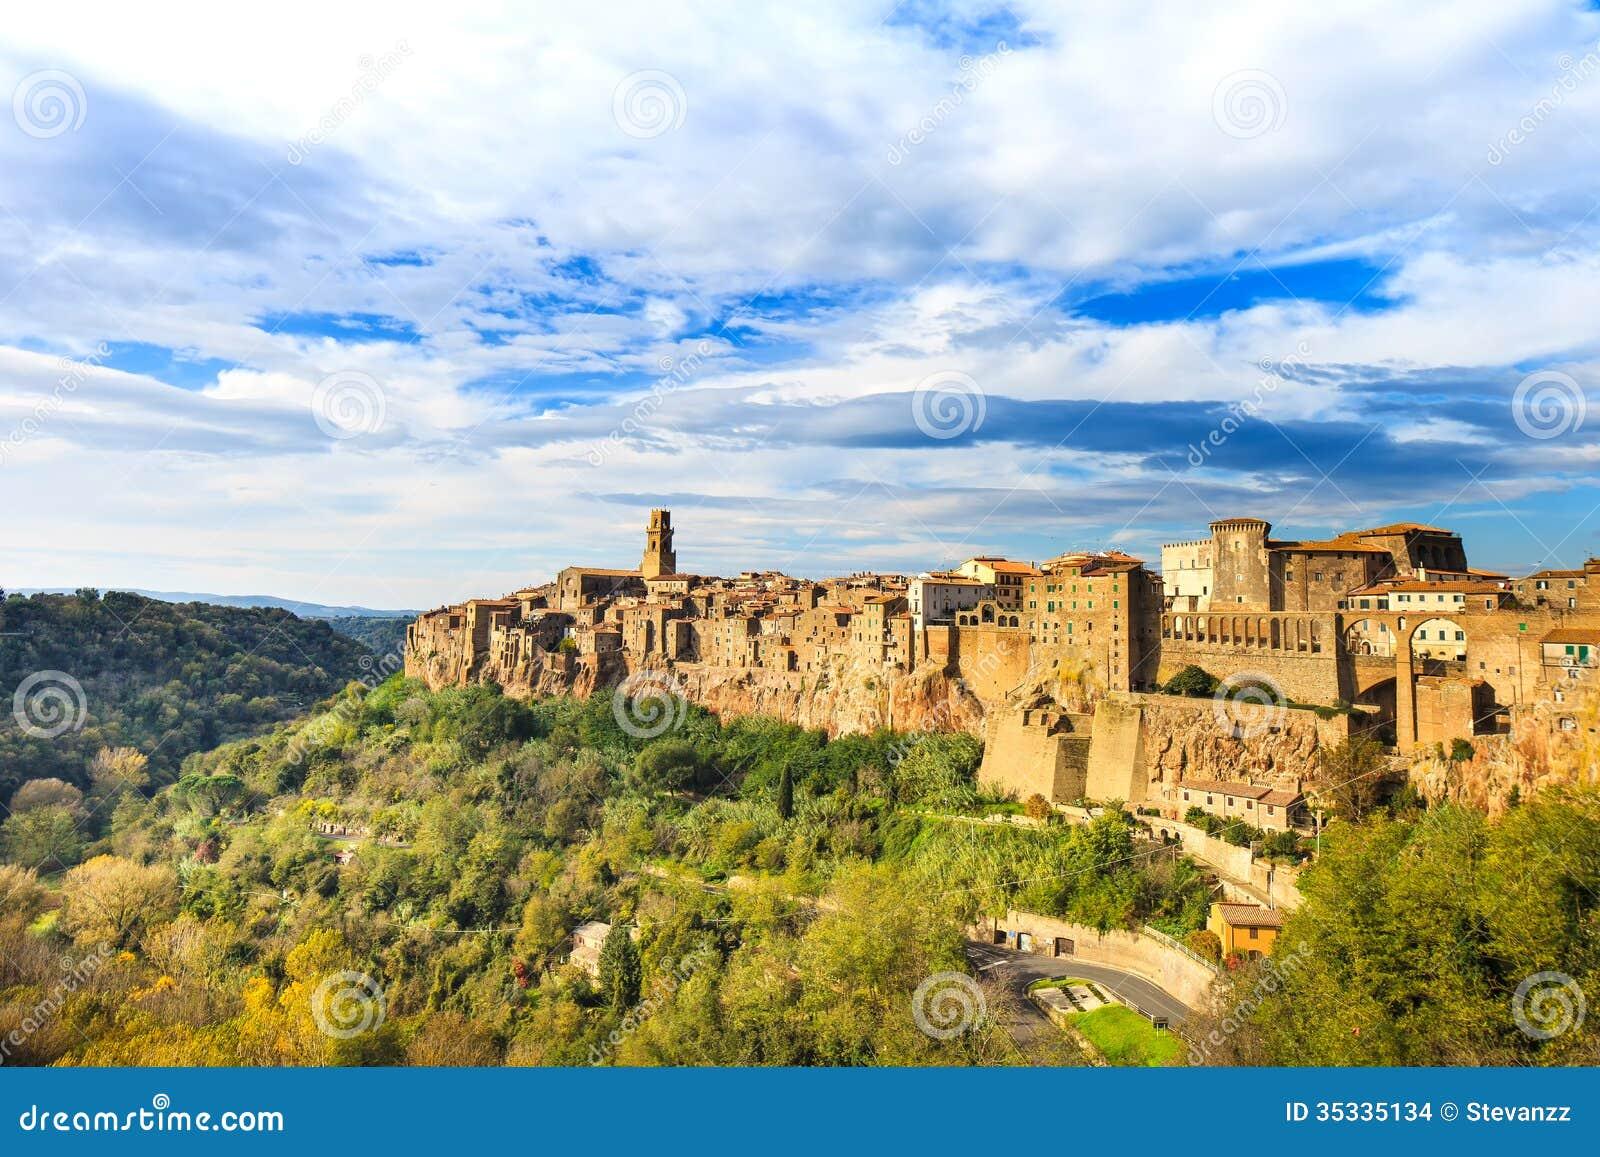 托斯卡纳,皮蒂利亚诺中世纪大厅全景村庄.意大利酷熊页游风景九龙朝图片